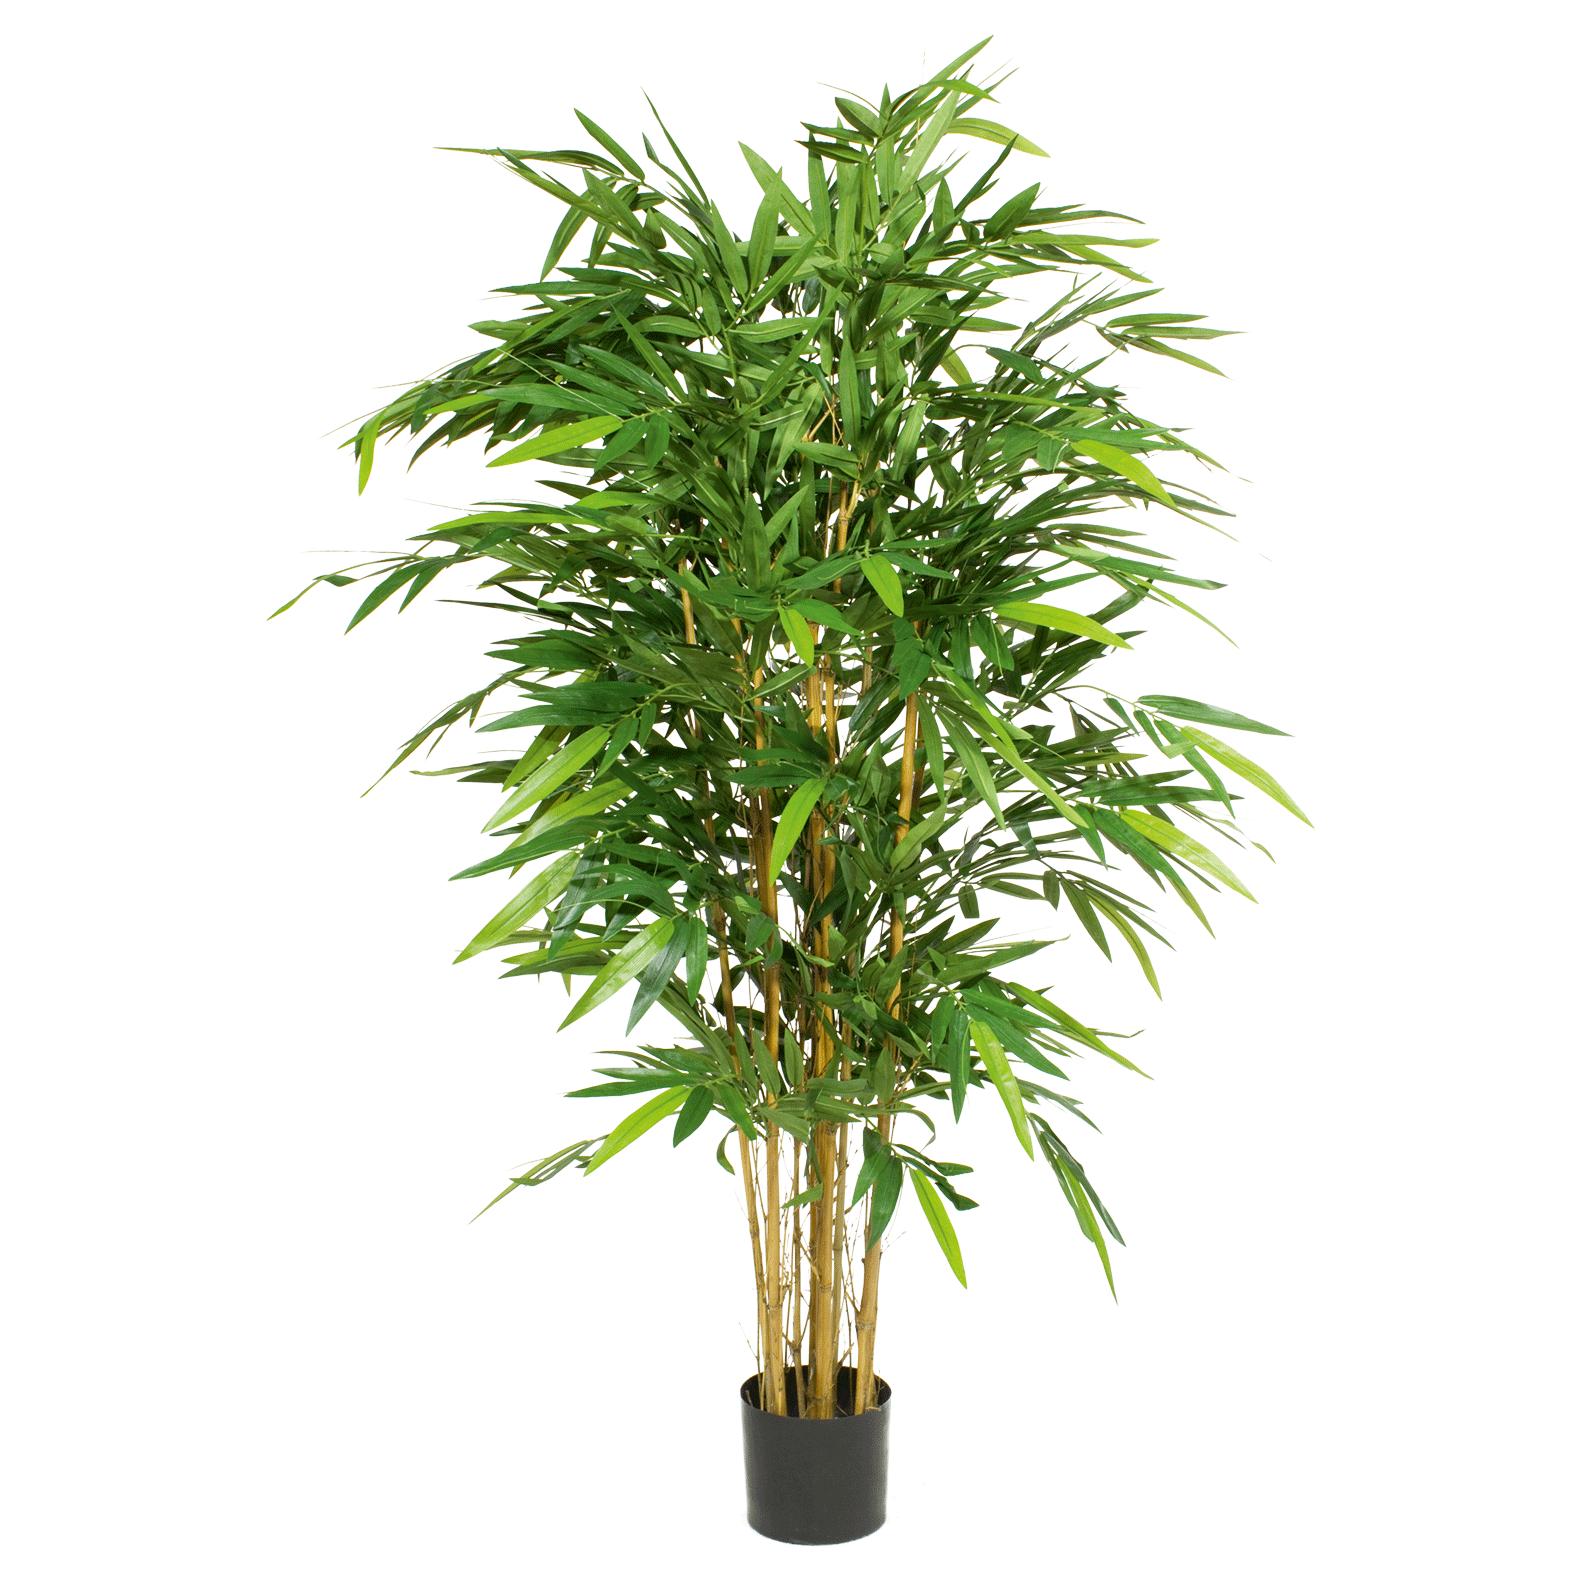 Bambus deluxe dekohaus raumgestaltung und objektbegr nung for Raumgestaltung pflanzen